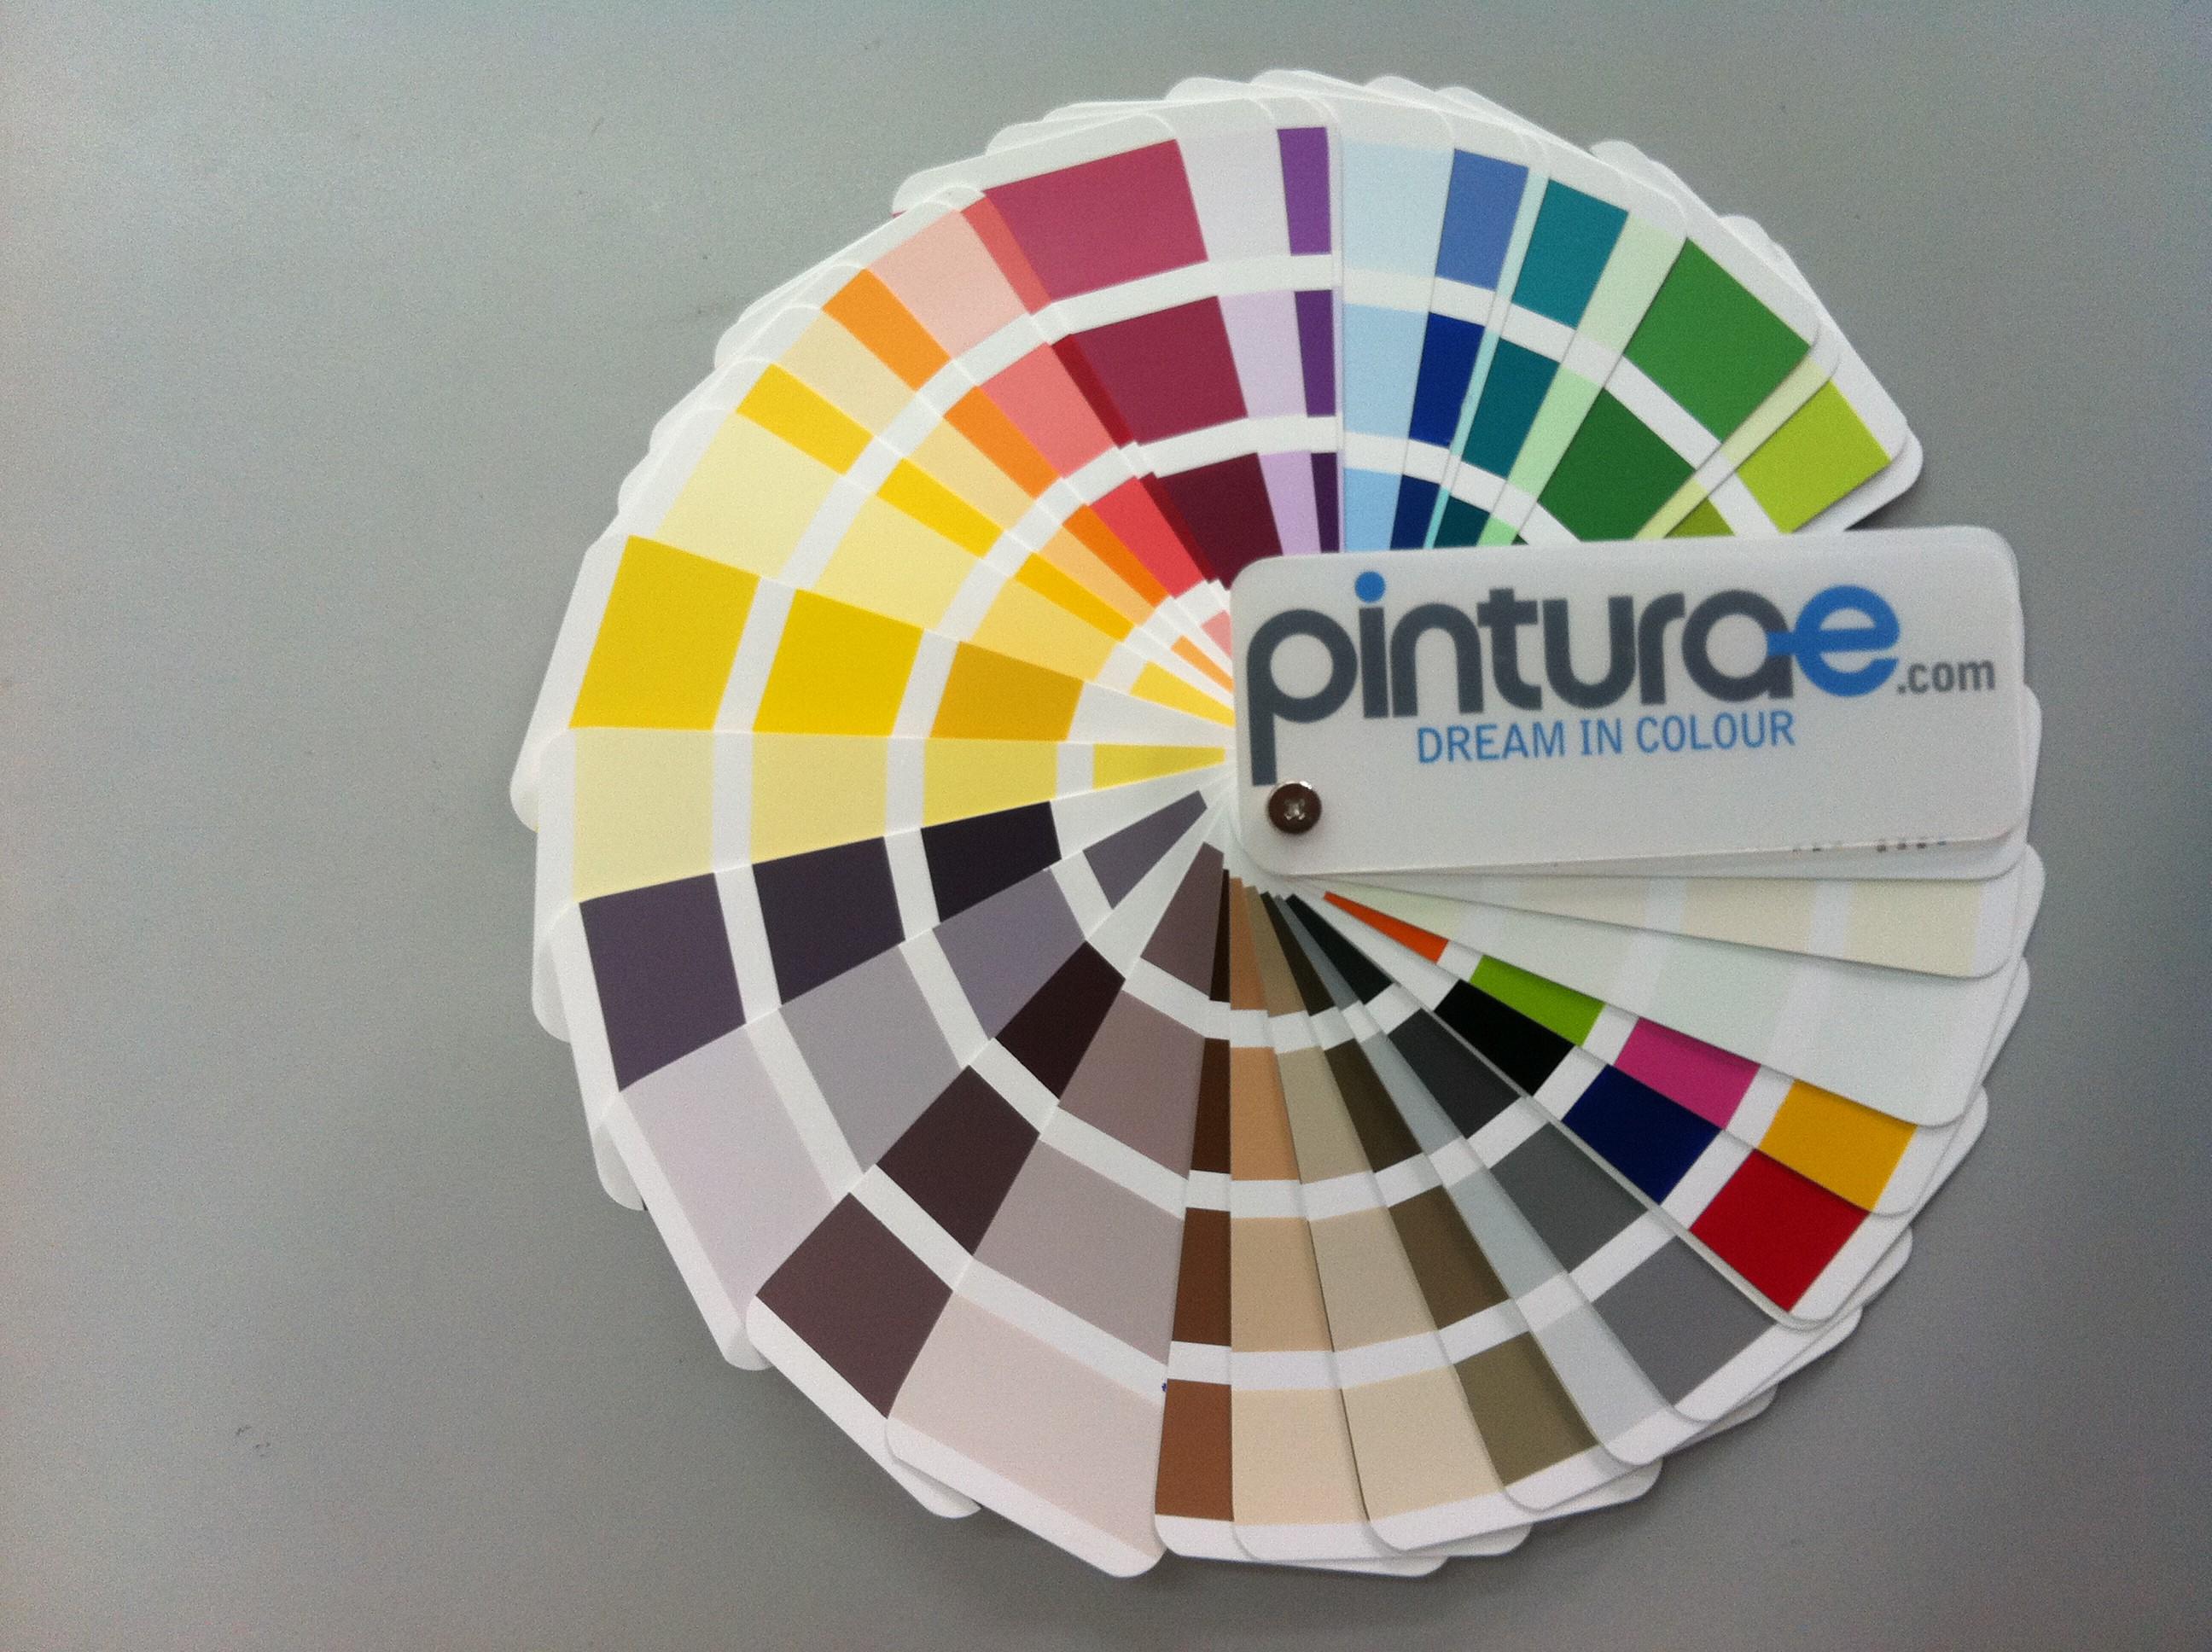 Carta de colores pintura carta de colores para paredes - Gama colores pintura ...